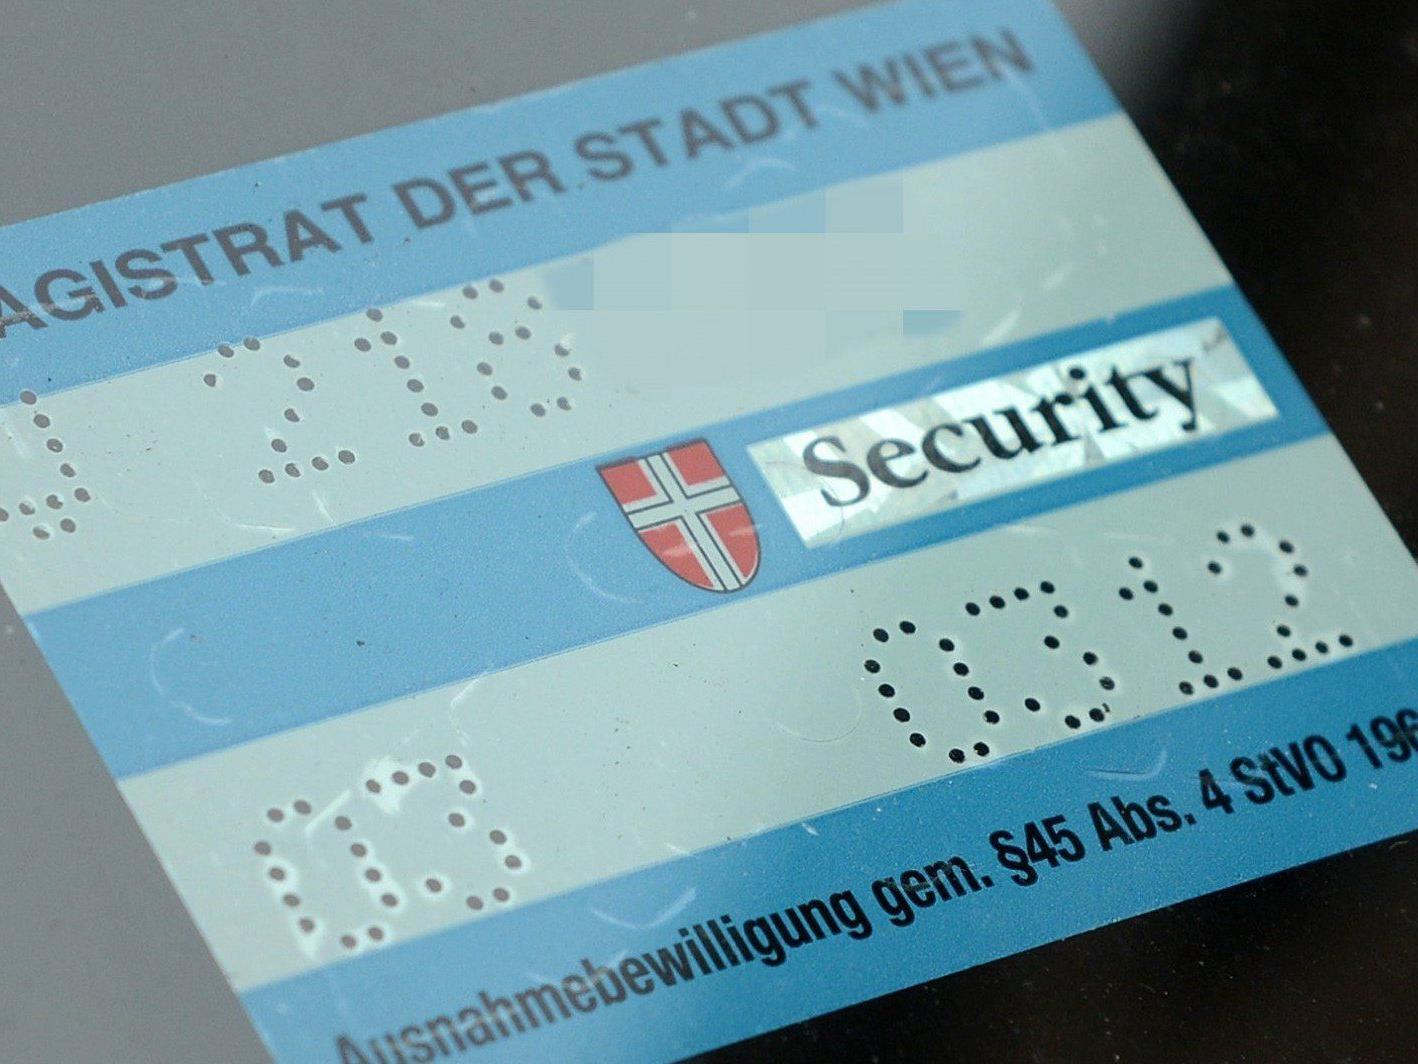 Drei Wiener Bezirke überlegen eine weitere Parkpickerl-Ausweistung,